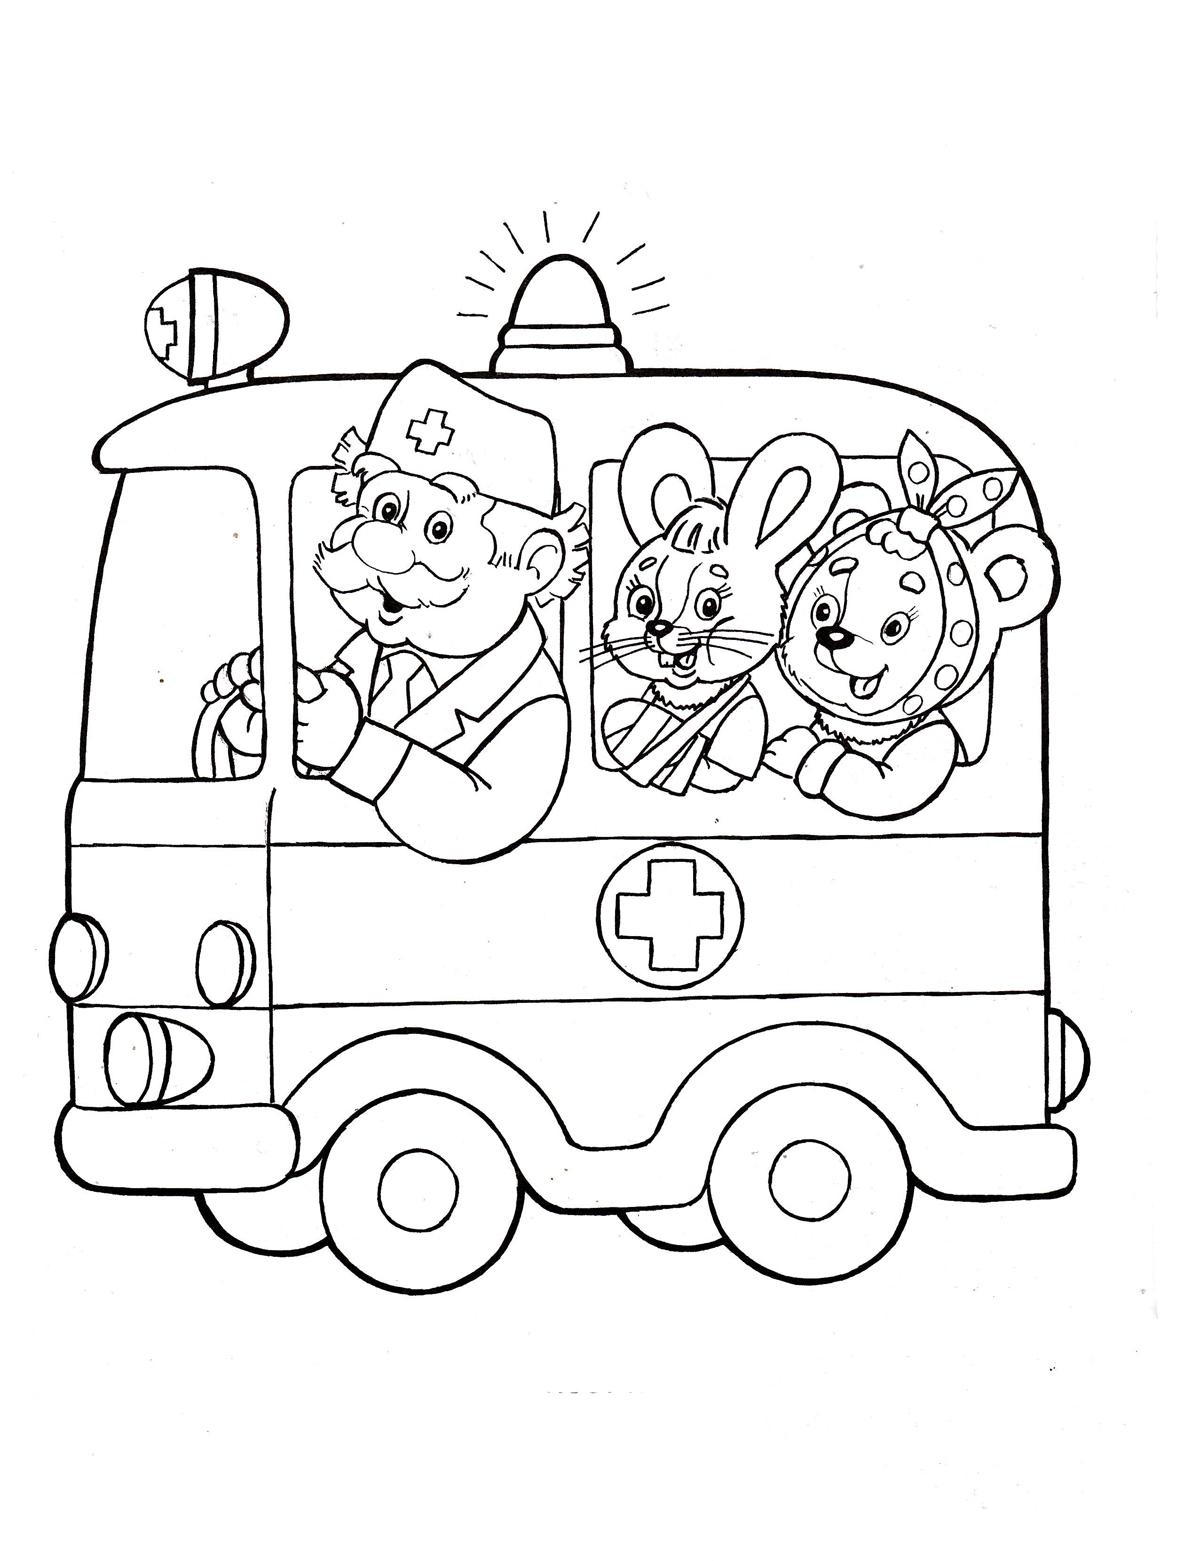 раскраска скорая помощь детские раскраски распечатать